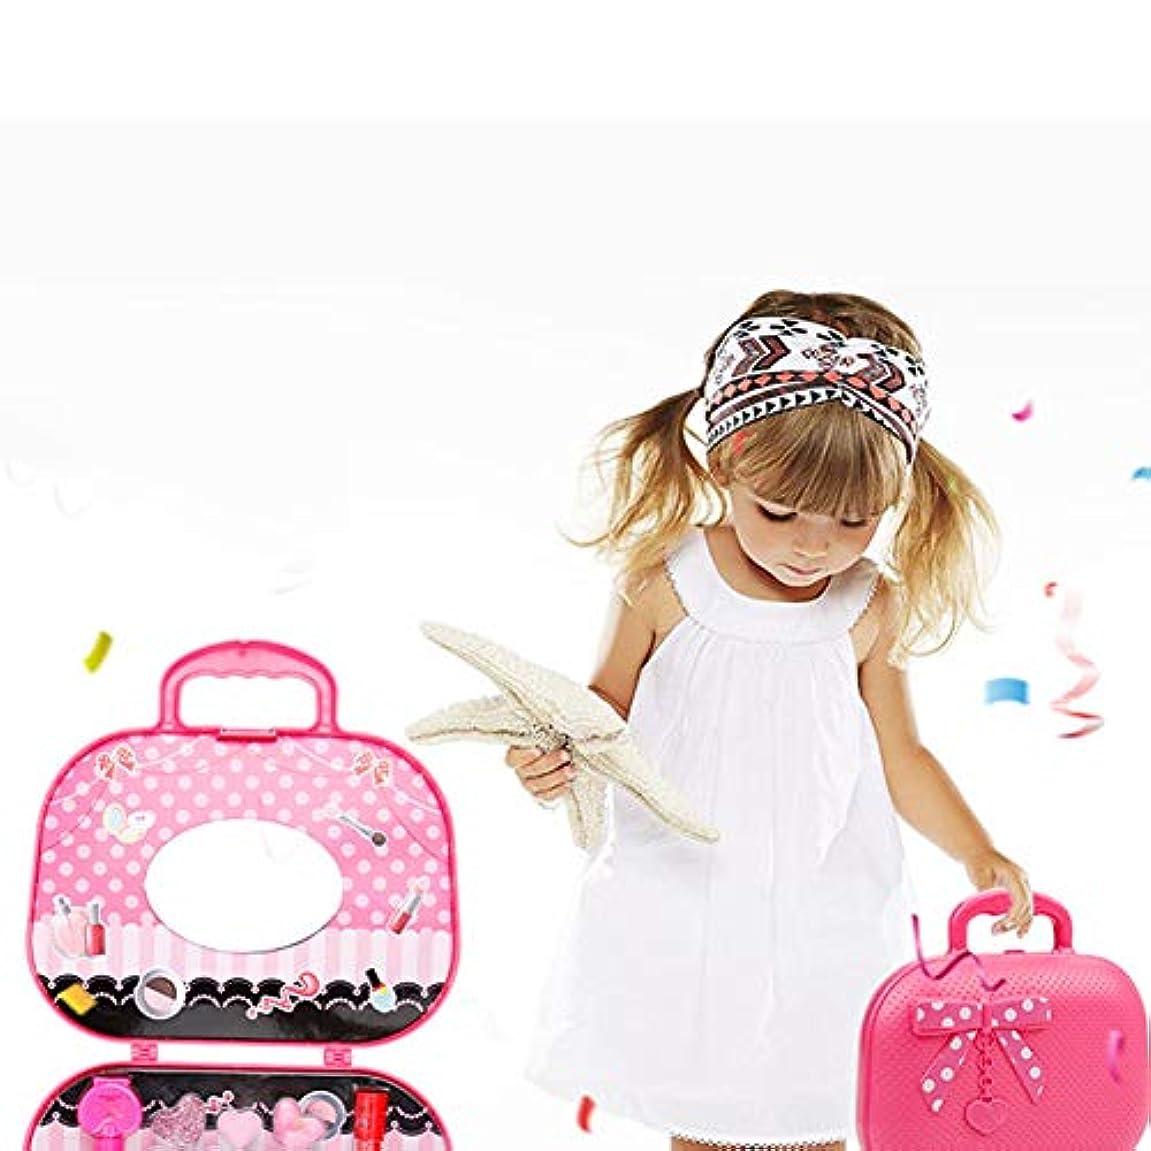 ロデオ受信持参かわいいプリンセスふりメイクセットキッズガールズシミュレーション口紅子供のおもちゃ - ピンク